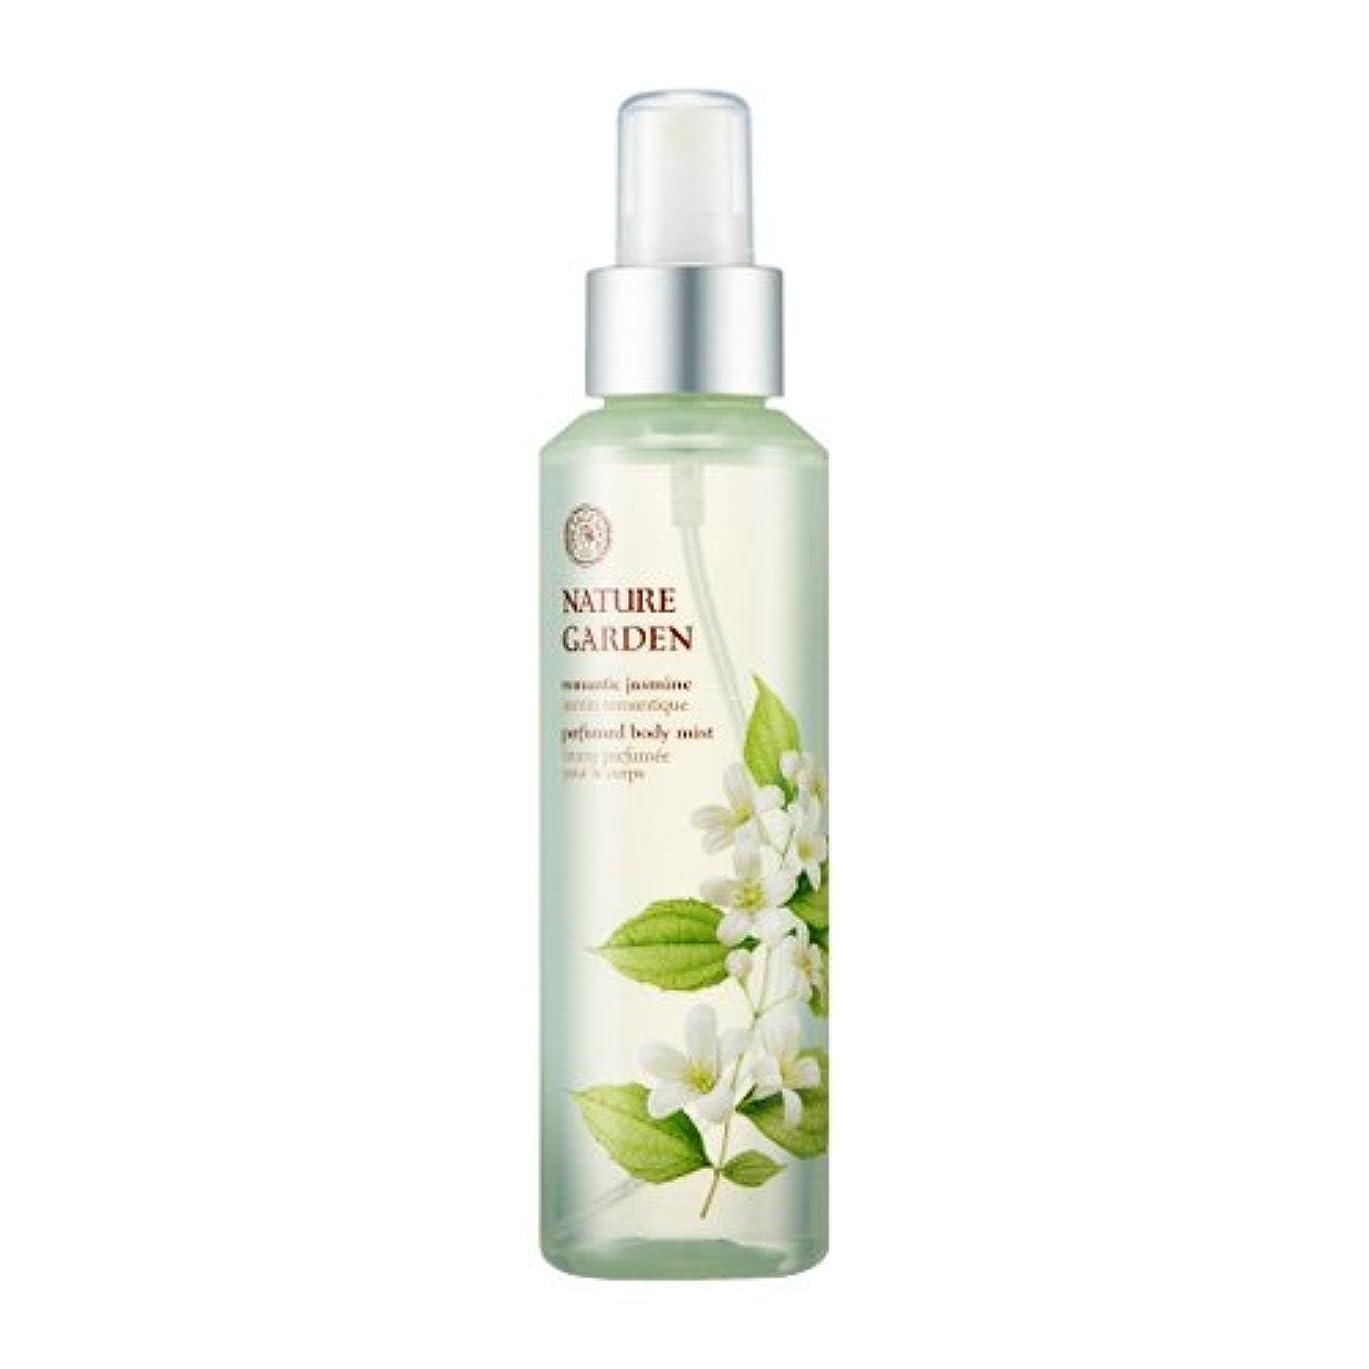 主人効率誤解を招くTHE FACE SHOP NATURE GARDEN (Romantic Jasmine) Perfume Body Mist / ザ?フェイスショップ ネイチャーガーデン パフューム ボディミスト [並行輸入品]